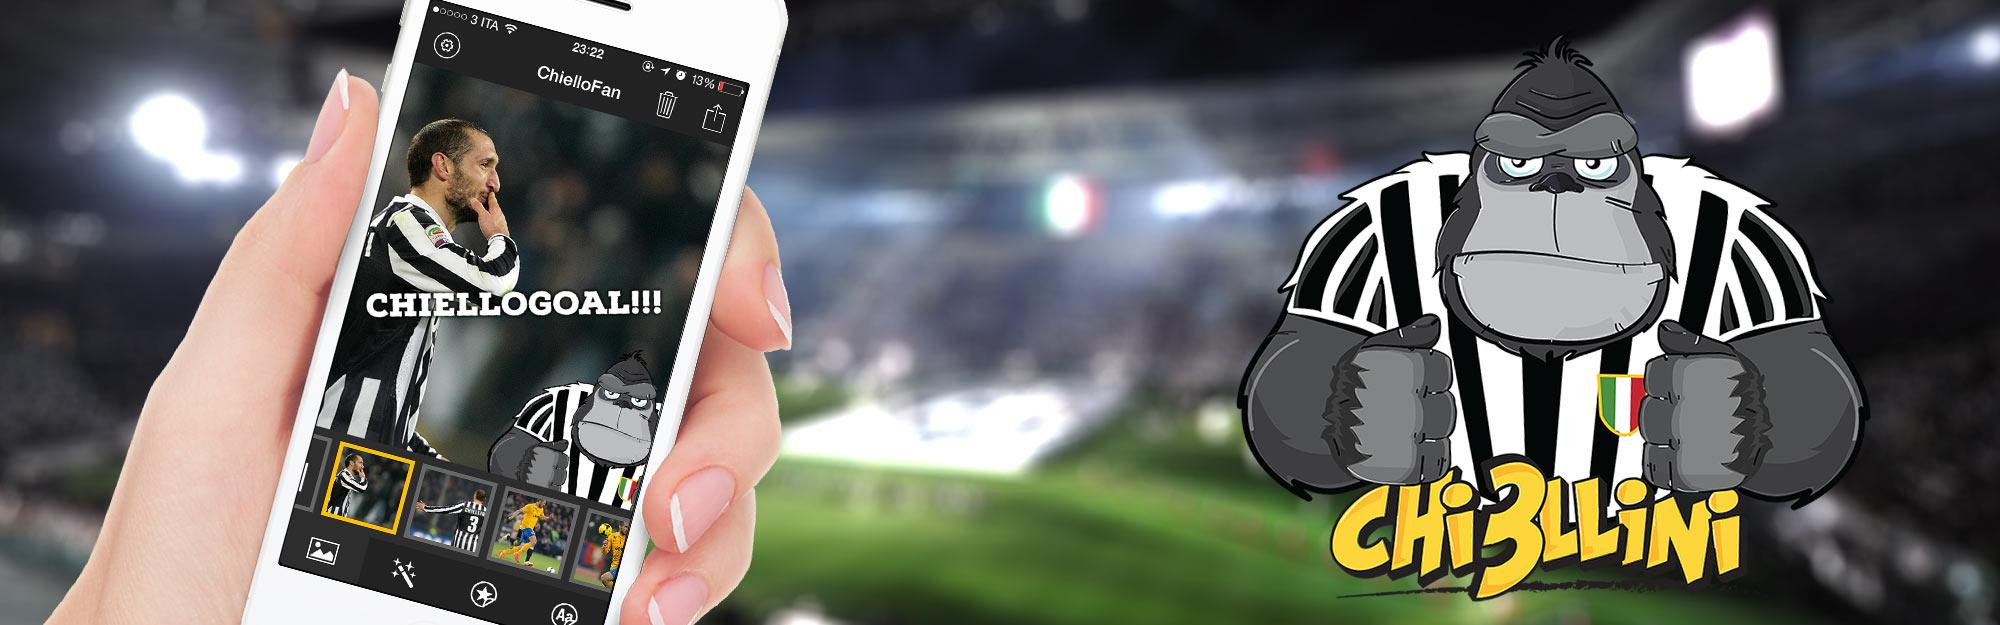 Iquii presenta ChielloFan: l'App per scendere in campo con Giorgio Chiellini